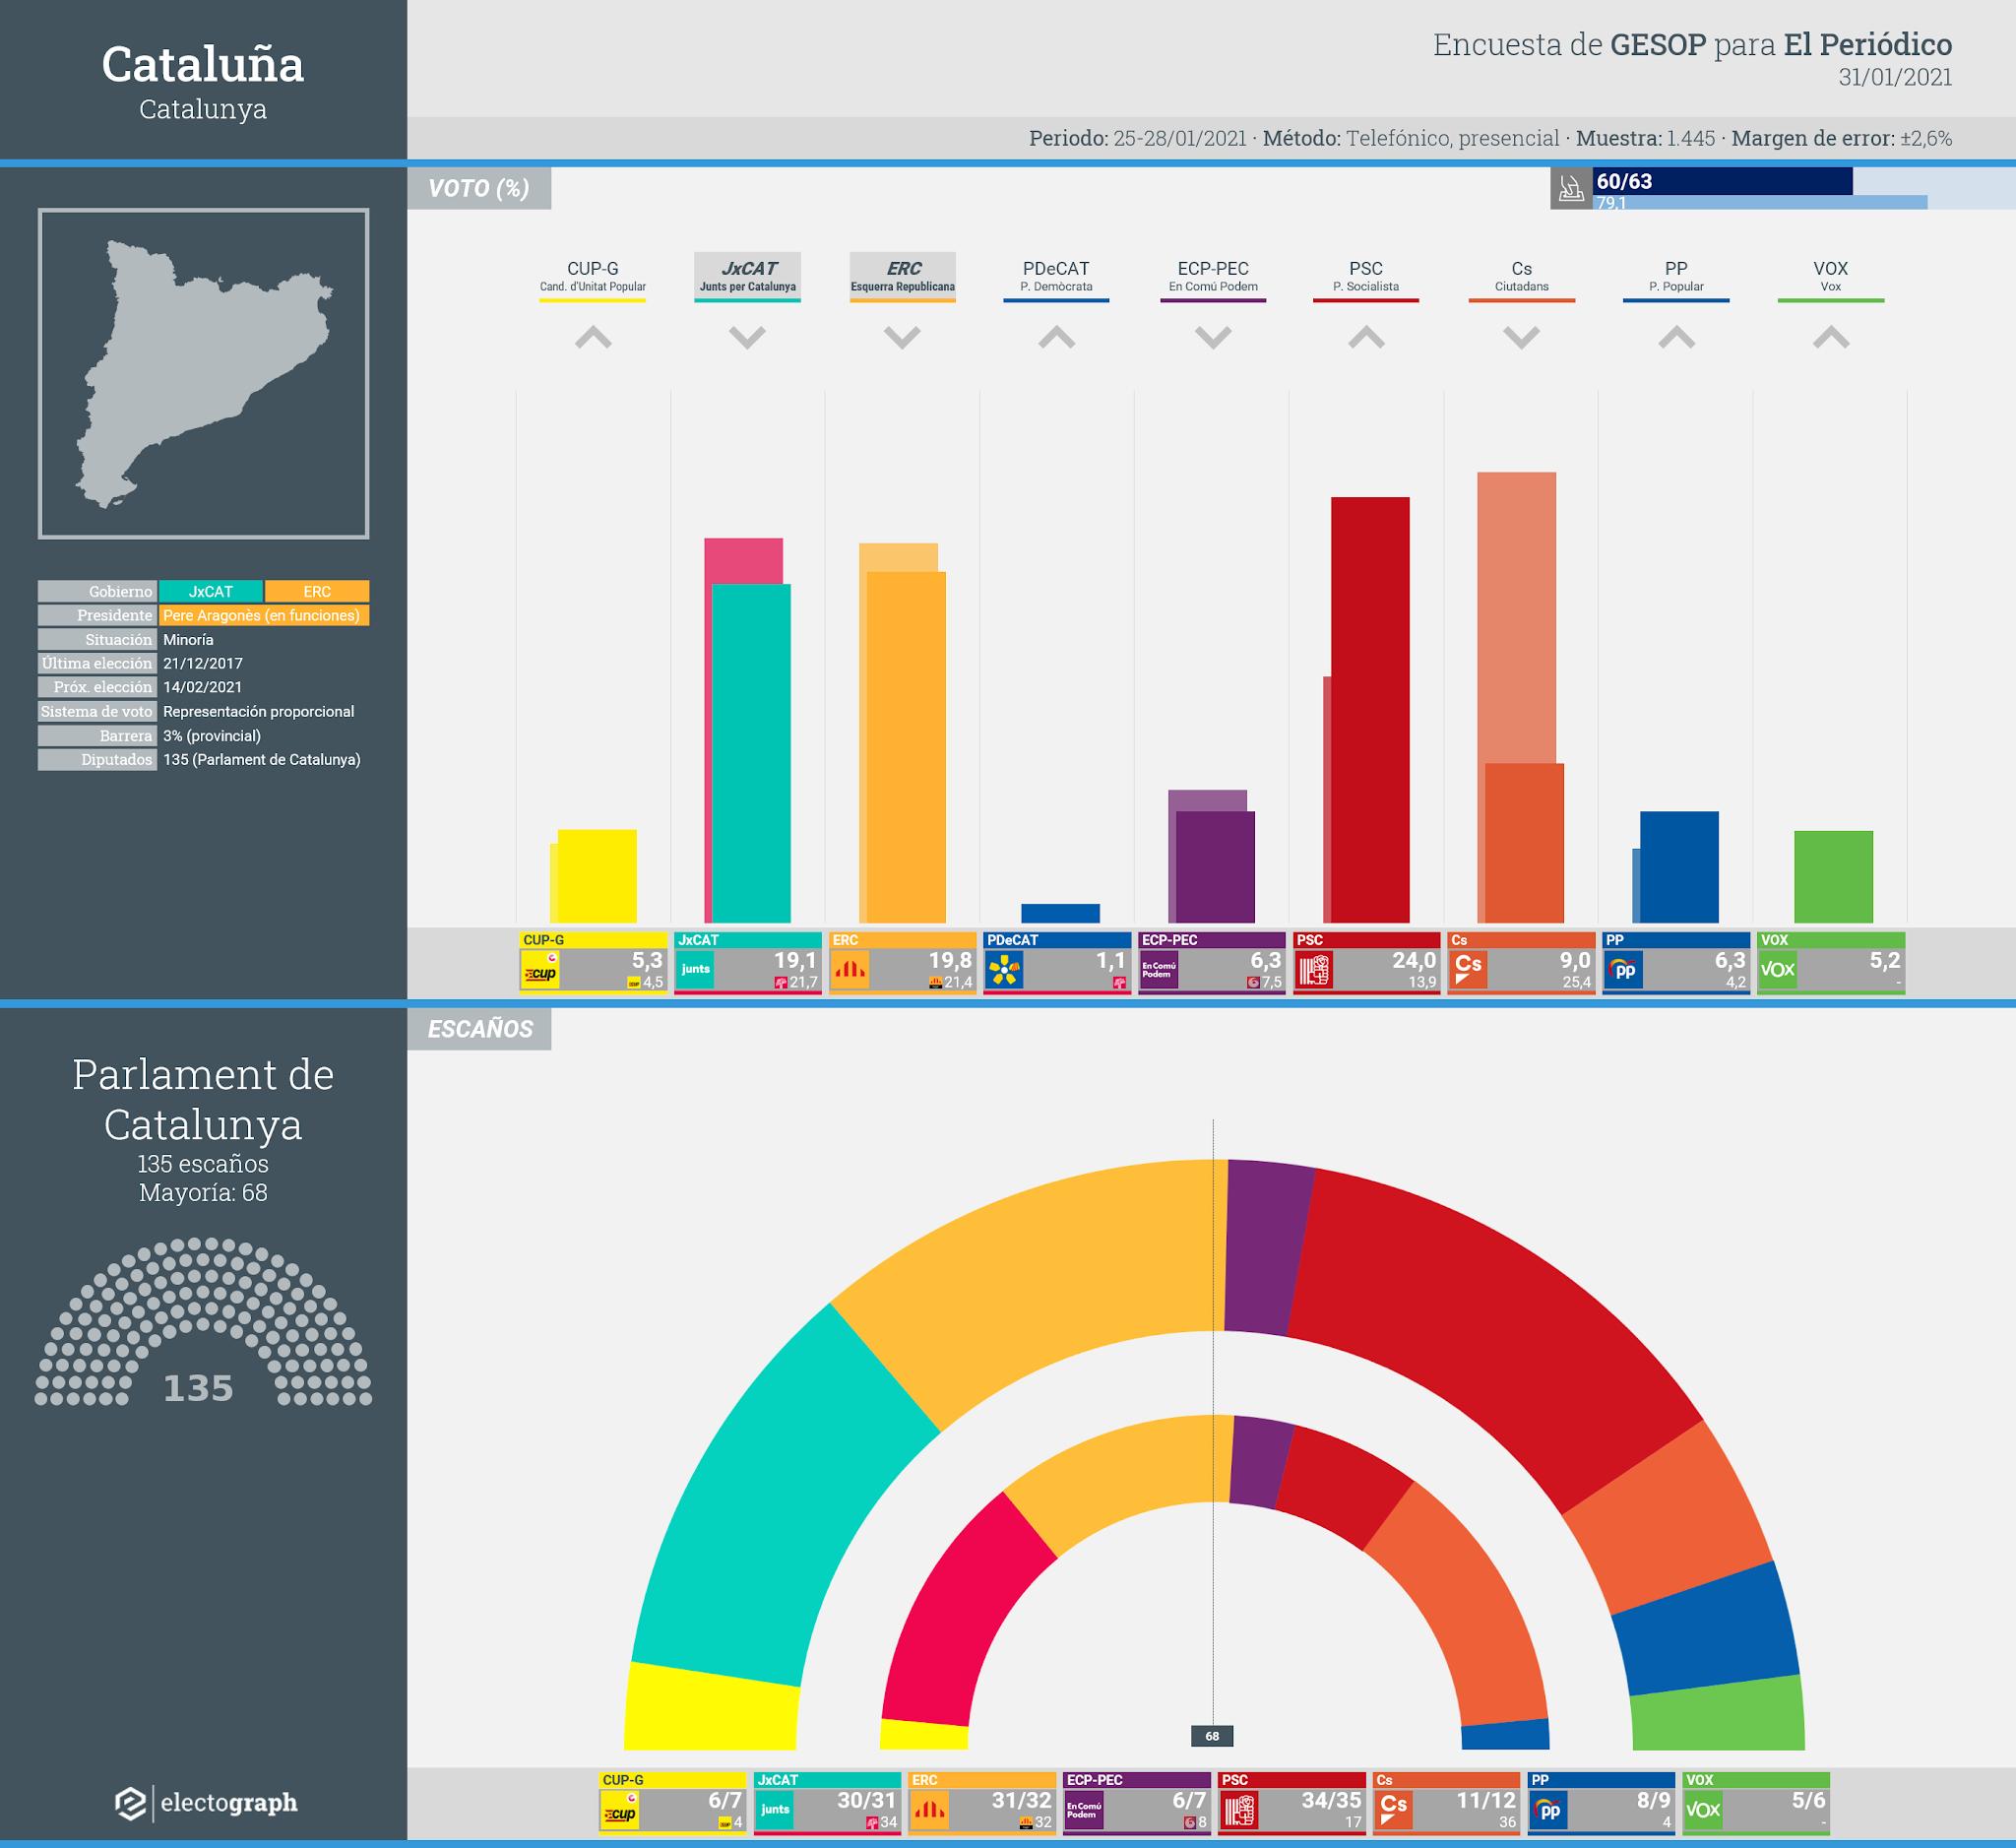 Gráfico de la encuesta para elecciones autonómicas en Cataluña realizada por GESOP para El Periódico, 31 de enero de 2021